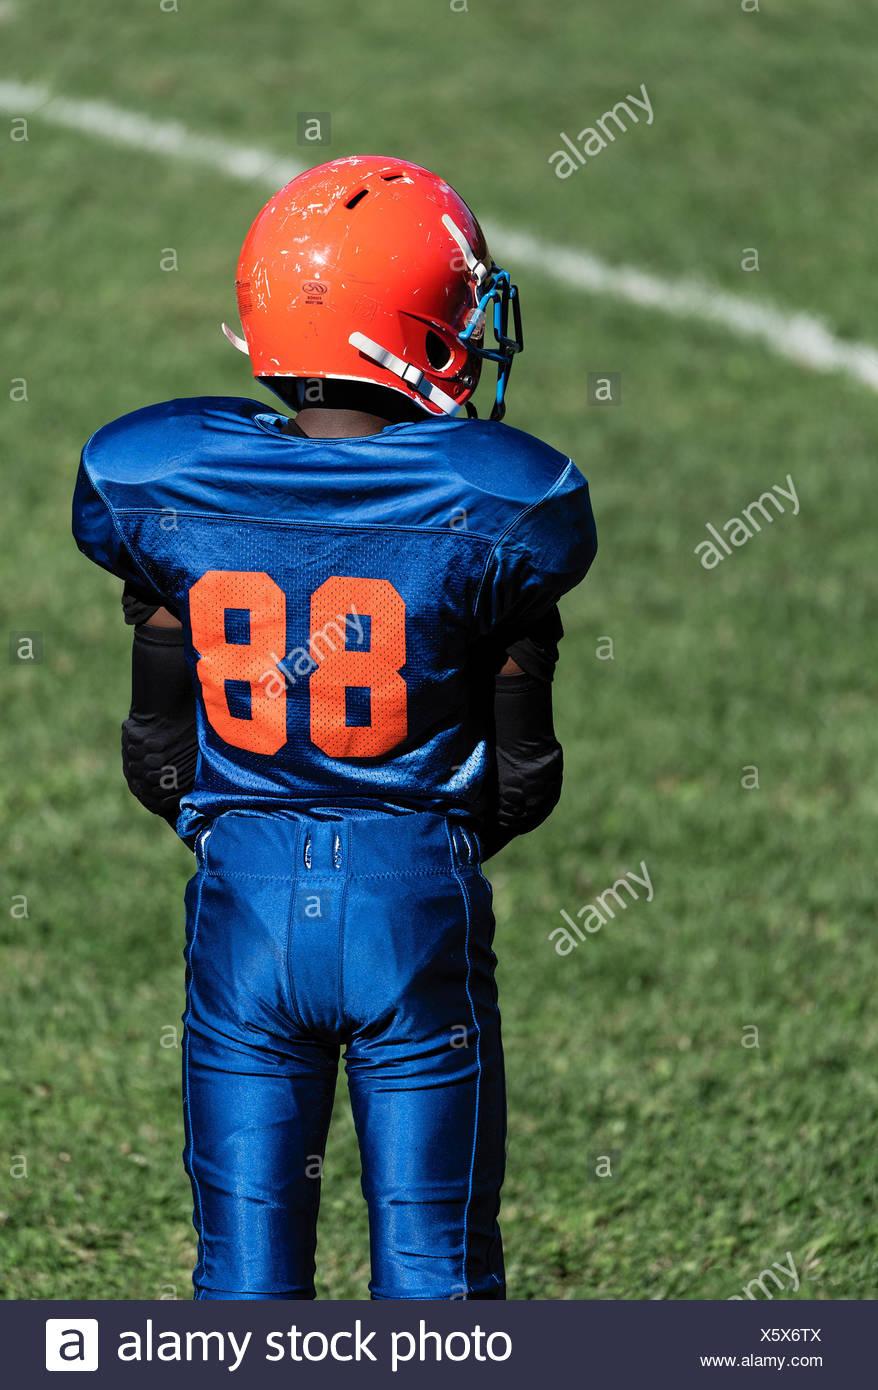 Les jeunes garçons dans les coulisses d'une Pop Warner football game, USA. Photo Stock